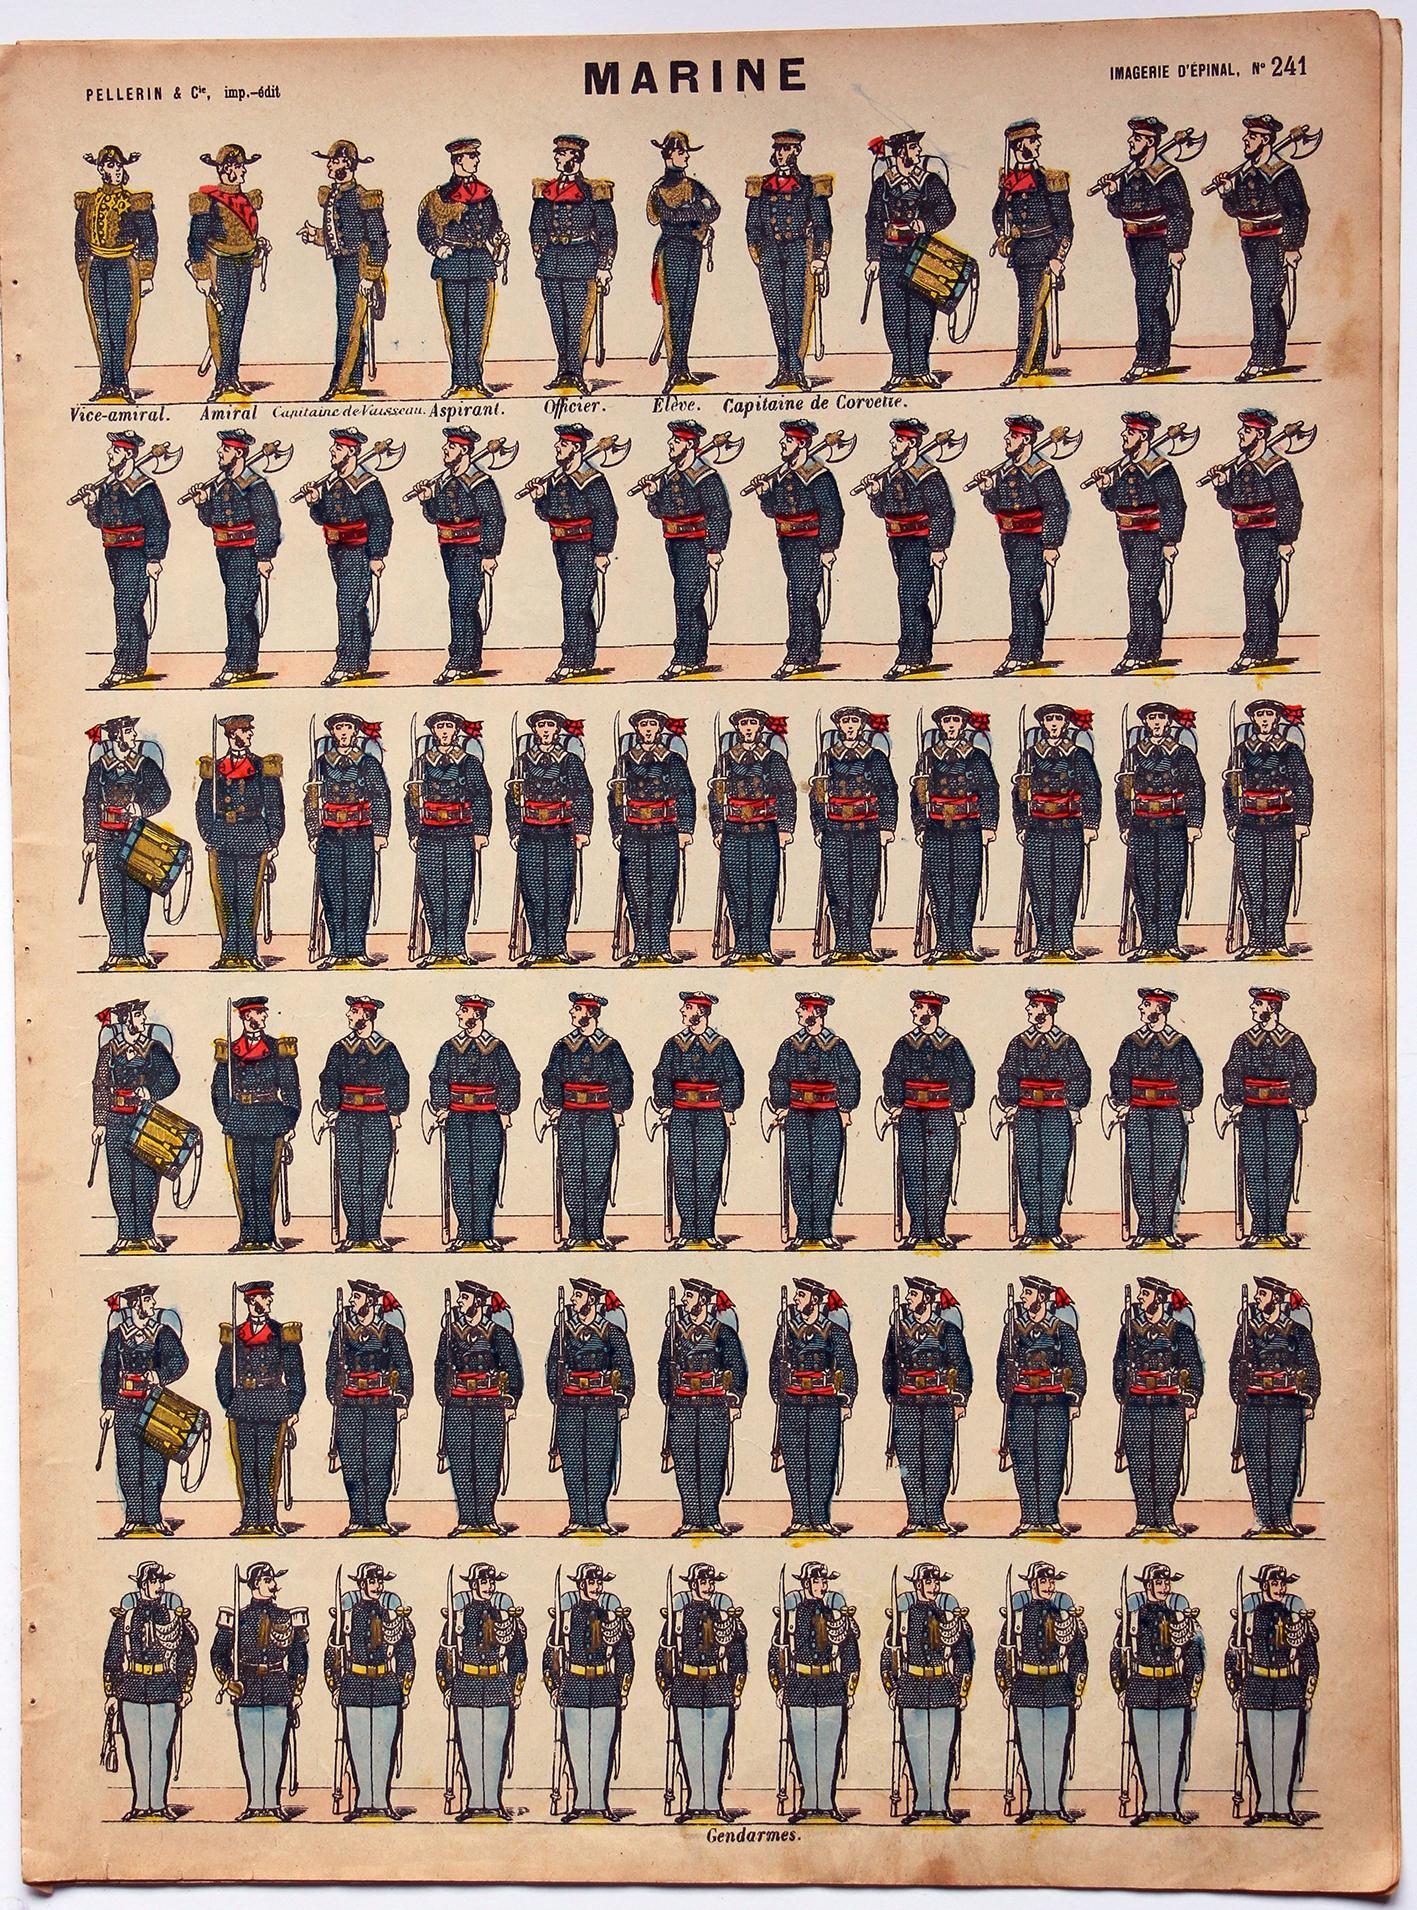 Planche imagerie Epinal - Pellerin Editeur - N°241 - Marine 3e République